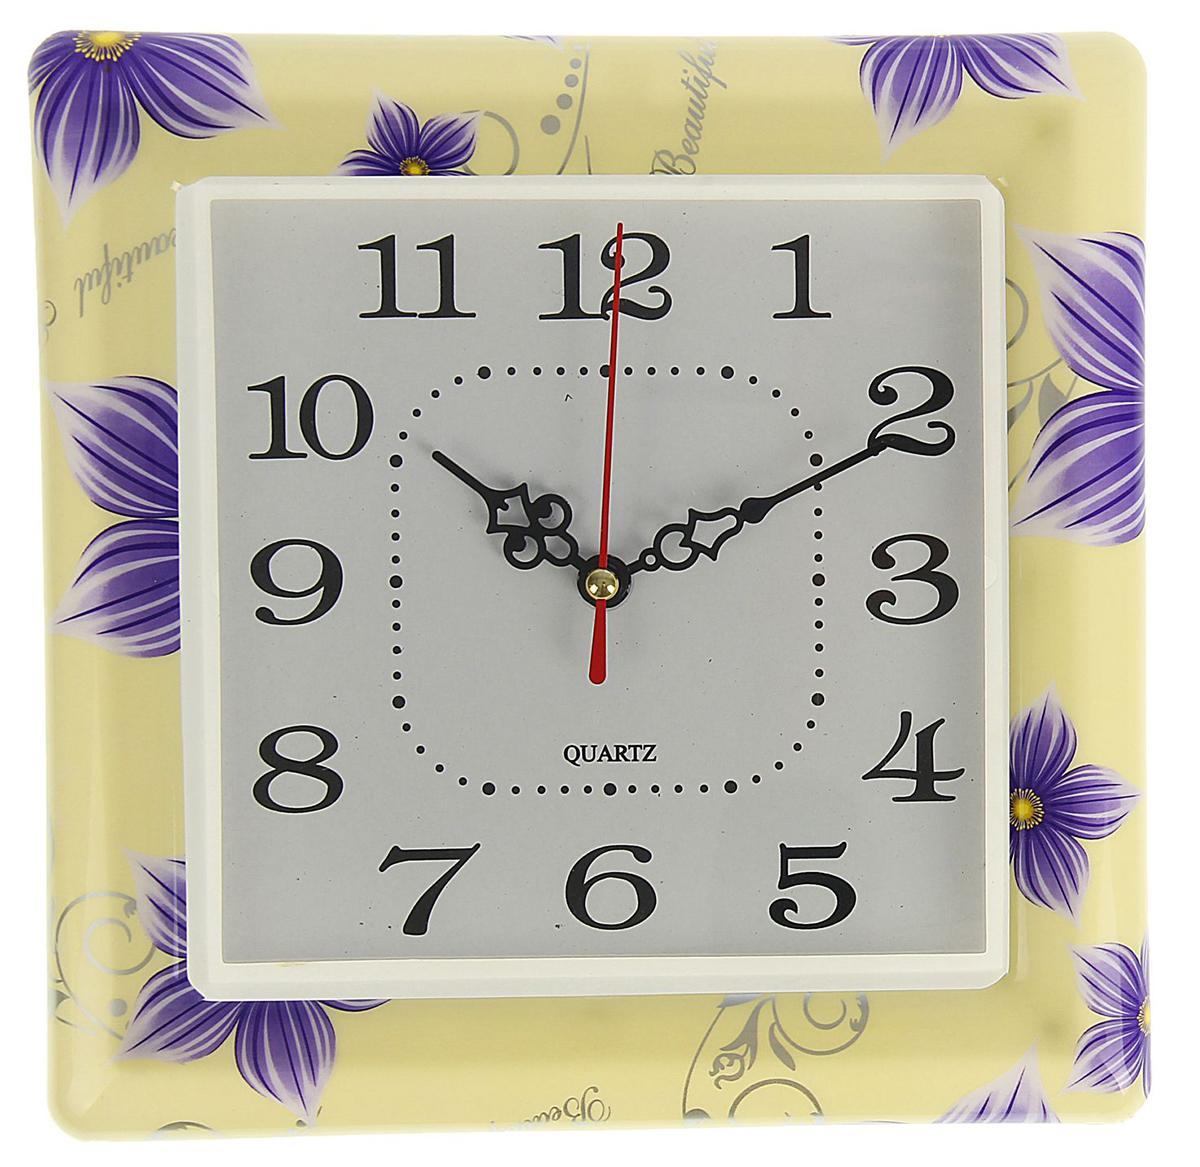 Часы настенные Весеннее настроение. Синие цветочки, 20 х 20 см1737079Каждому хозяину периодически приходит мысль обновить свою квартиру, сделать ремонт, перестановку или кардинально поменять внешний вид каждой комнаты. Часы настенные квадратные Сиреневые цветы, 20 ? 20 см — привлекательная деталь, которая поможет воплотить вашу интерьерную идею, создать неповторимую атмосферу в вашем доме. Окружите себя приятными мелочами, пусть они радуют глаз и дарят гармонию.Часы настенные Весеннее настроение, квадрат Цветочки синие 20*20см 1737079